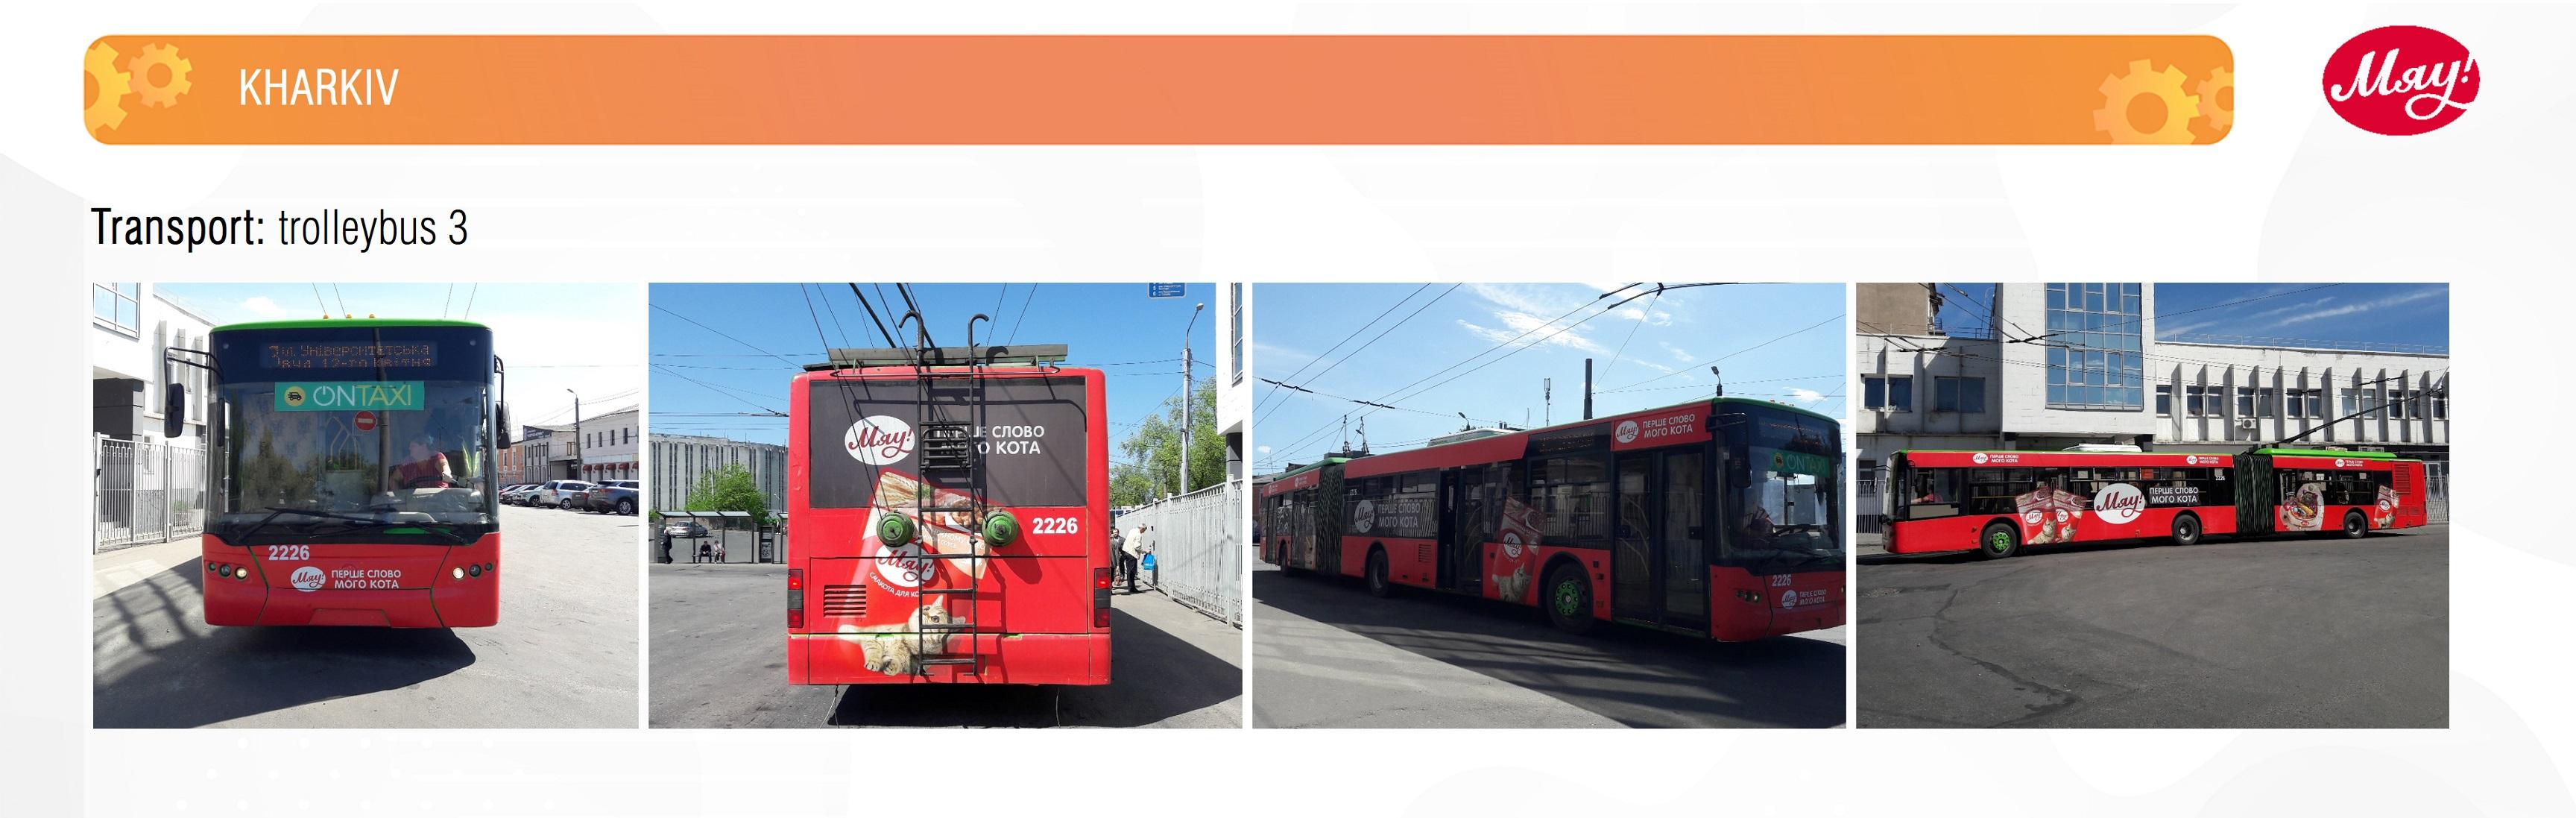 Реклама на транспорте в Харькове. Брендированный троллейбус